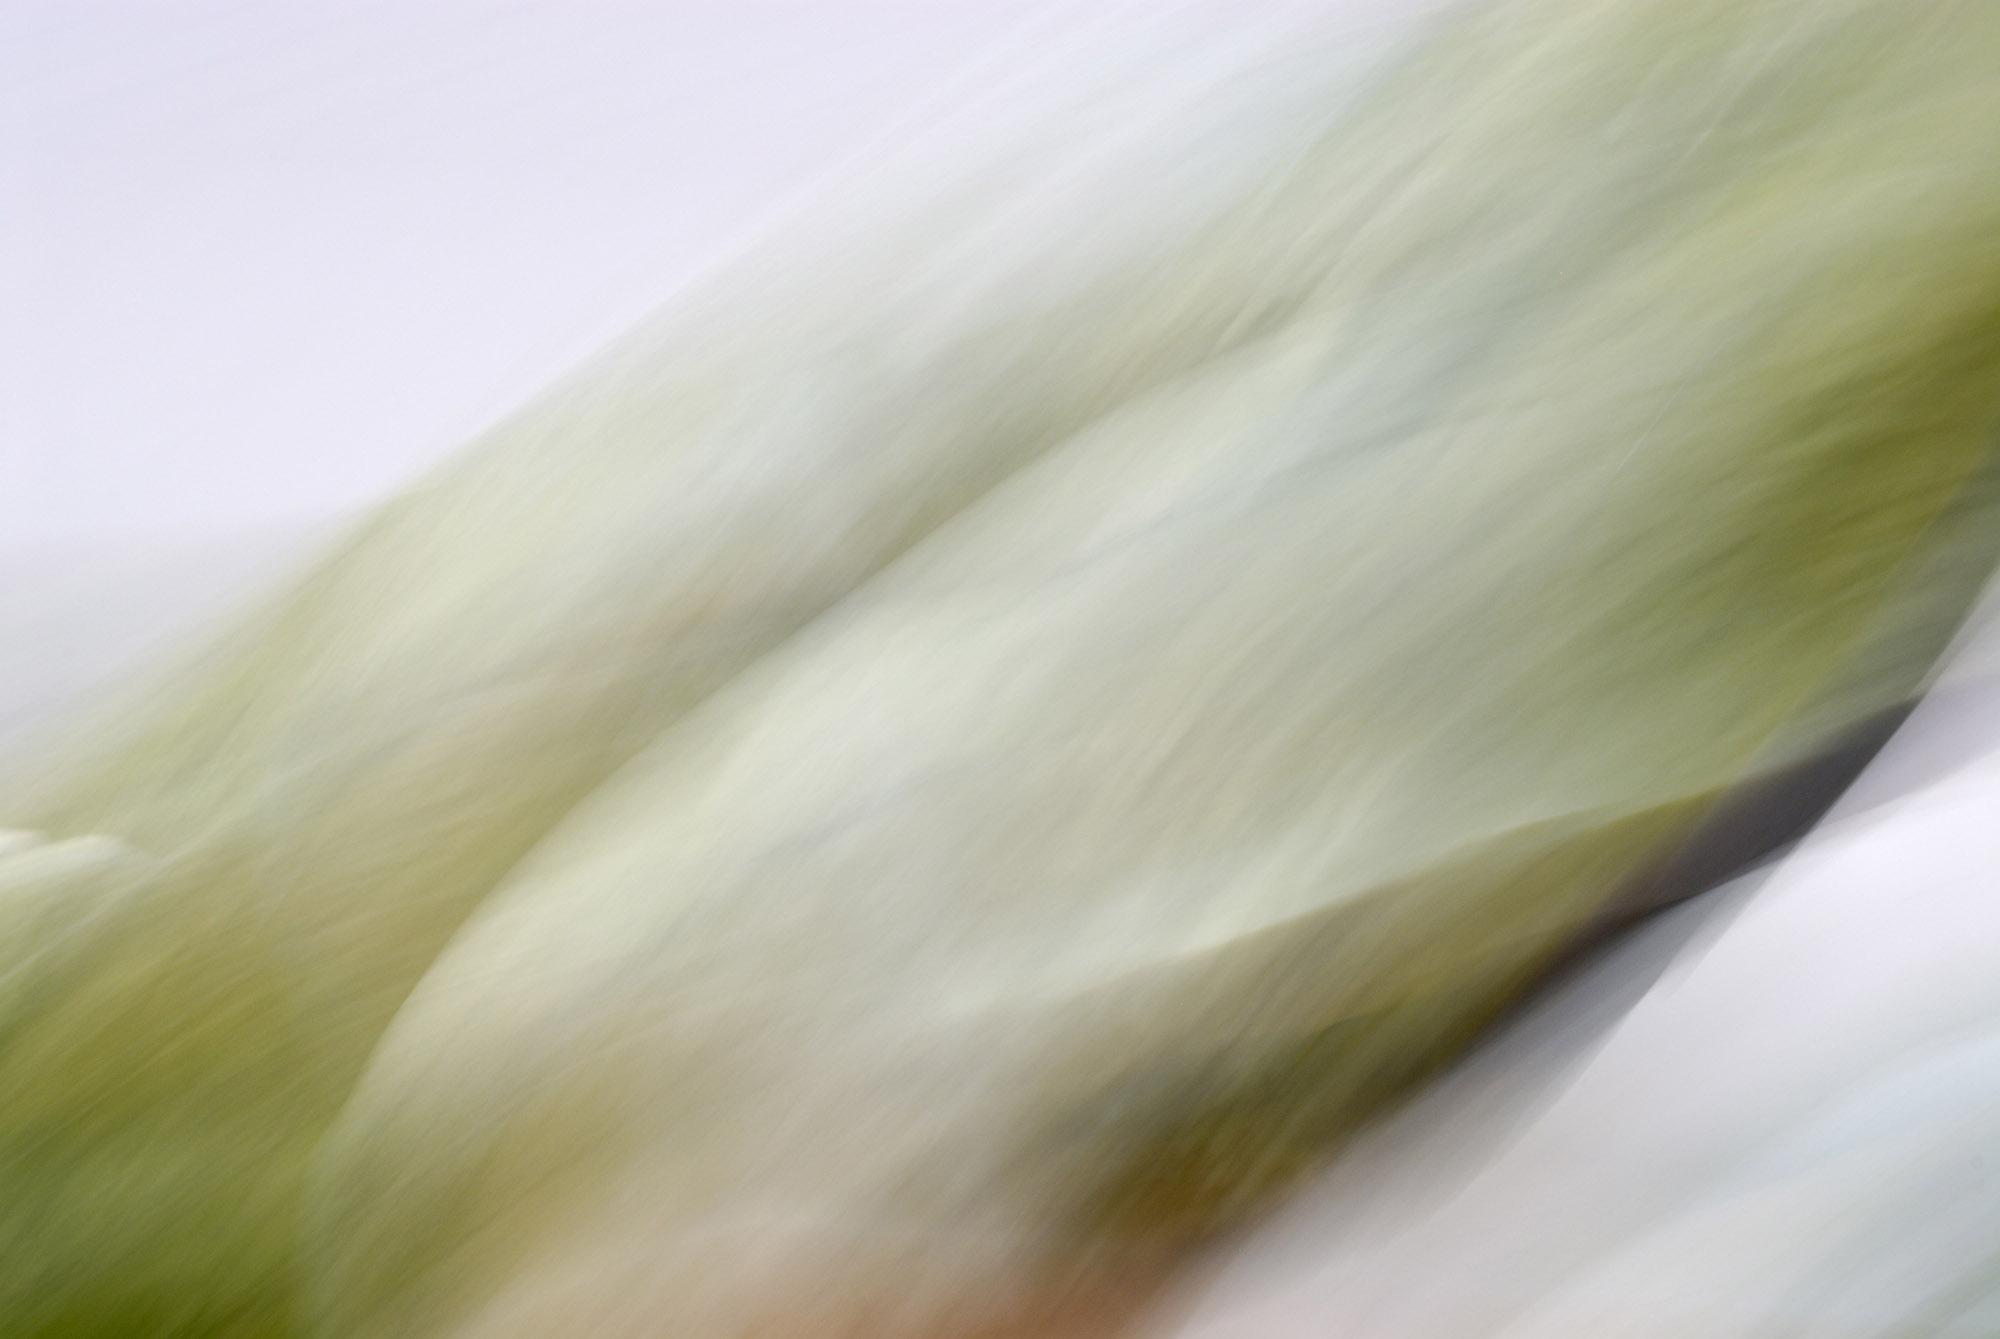 Foto van vage groene vormen schuin